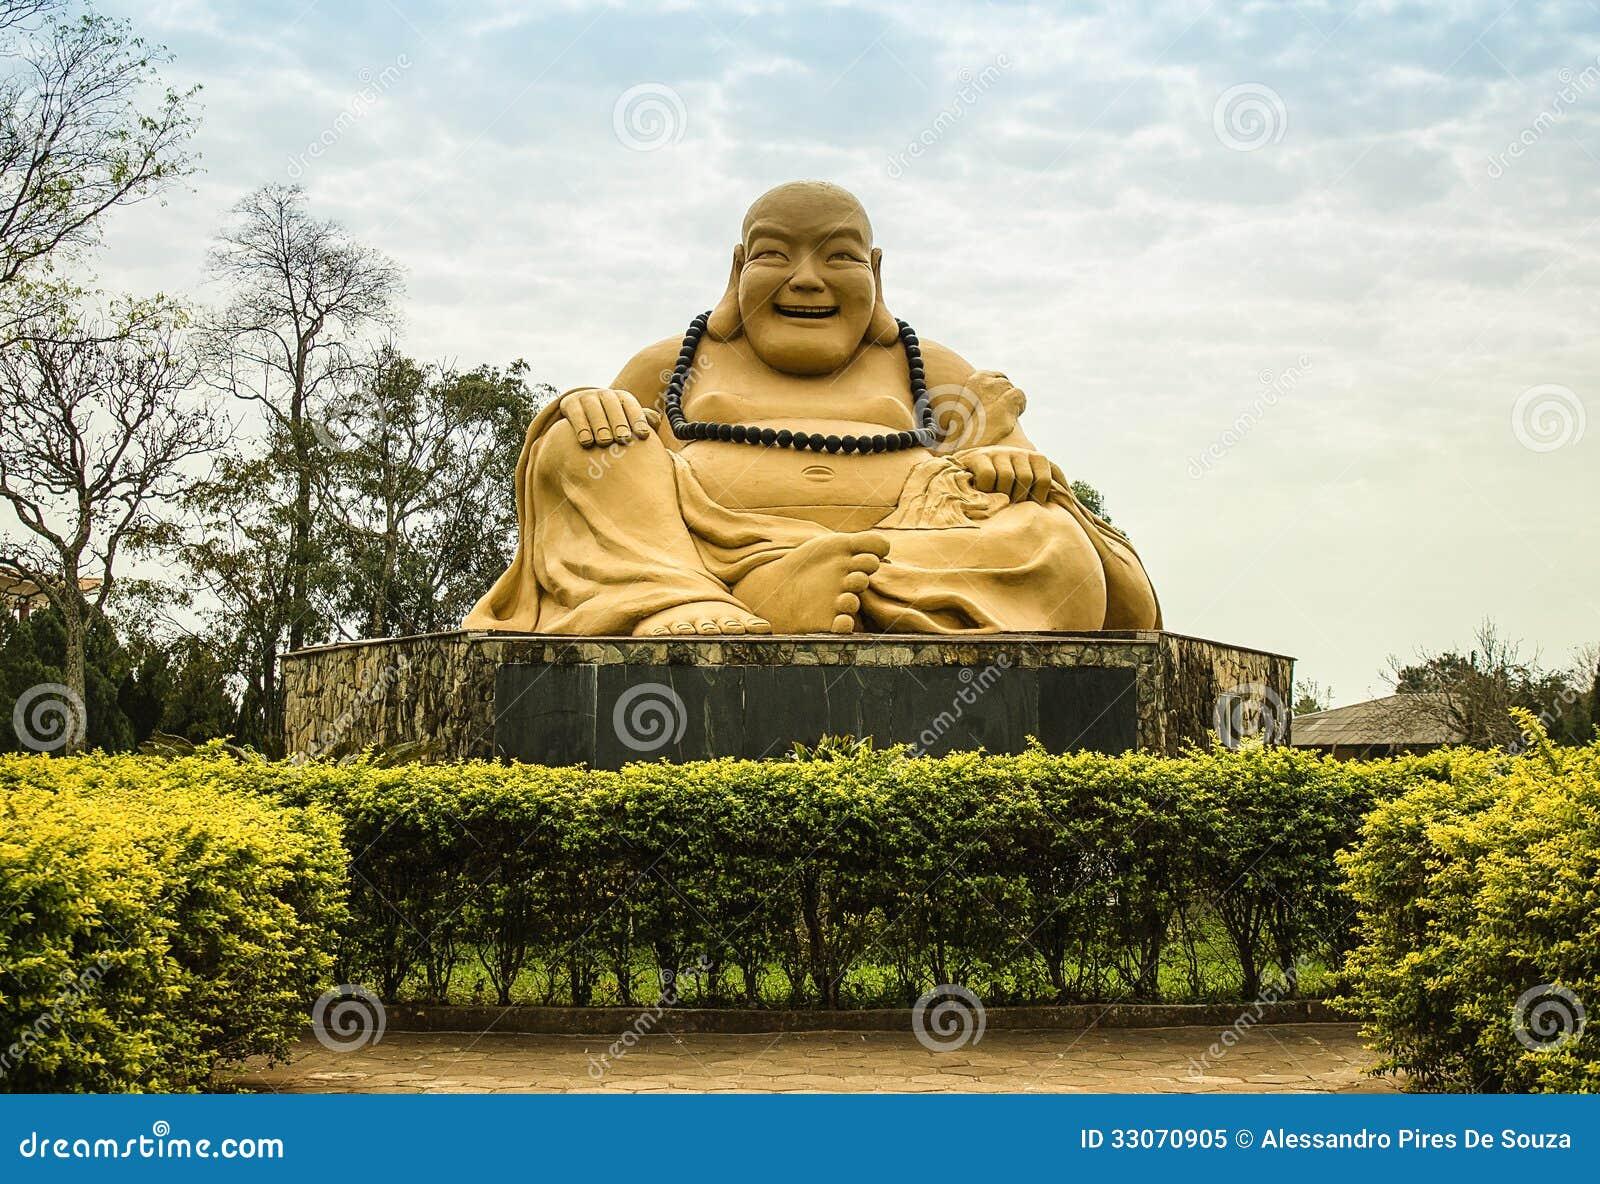 Estremamente Statua Nel Tempio Buddista, Brasile Di Buddha Immagine Stock  JJ91